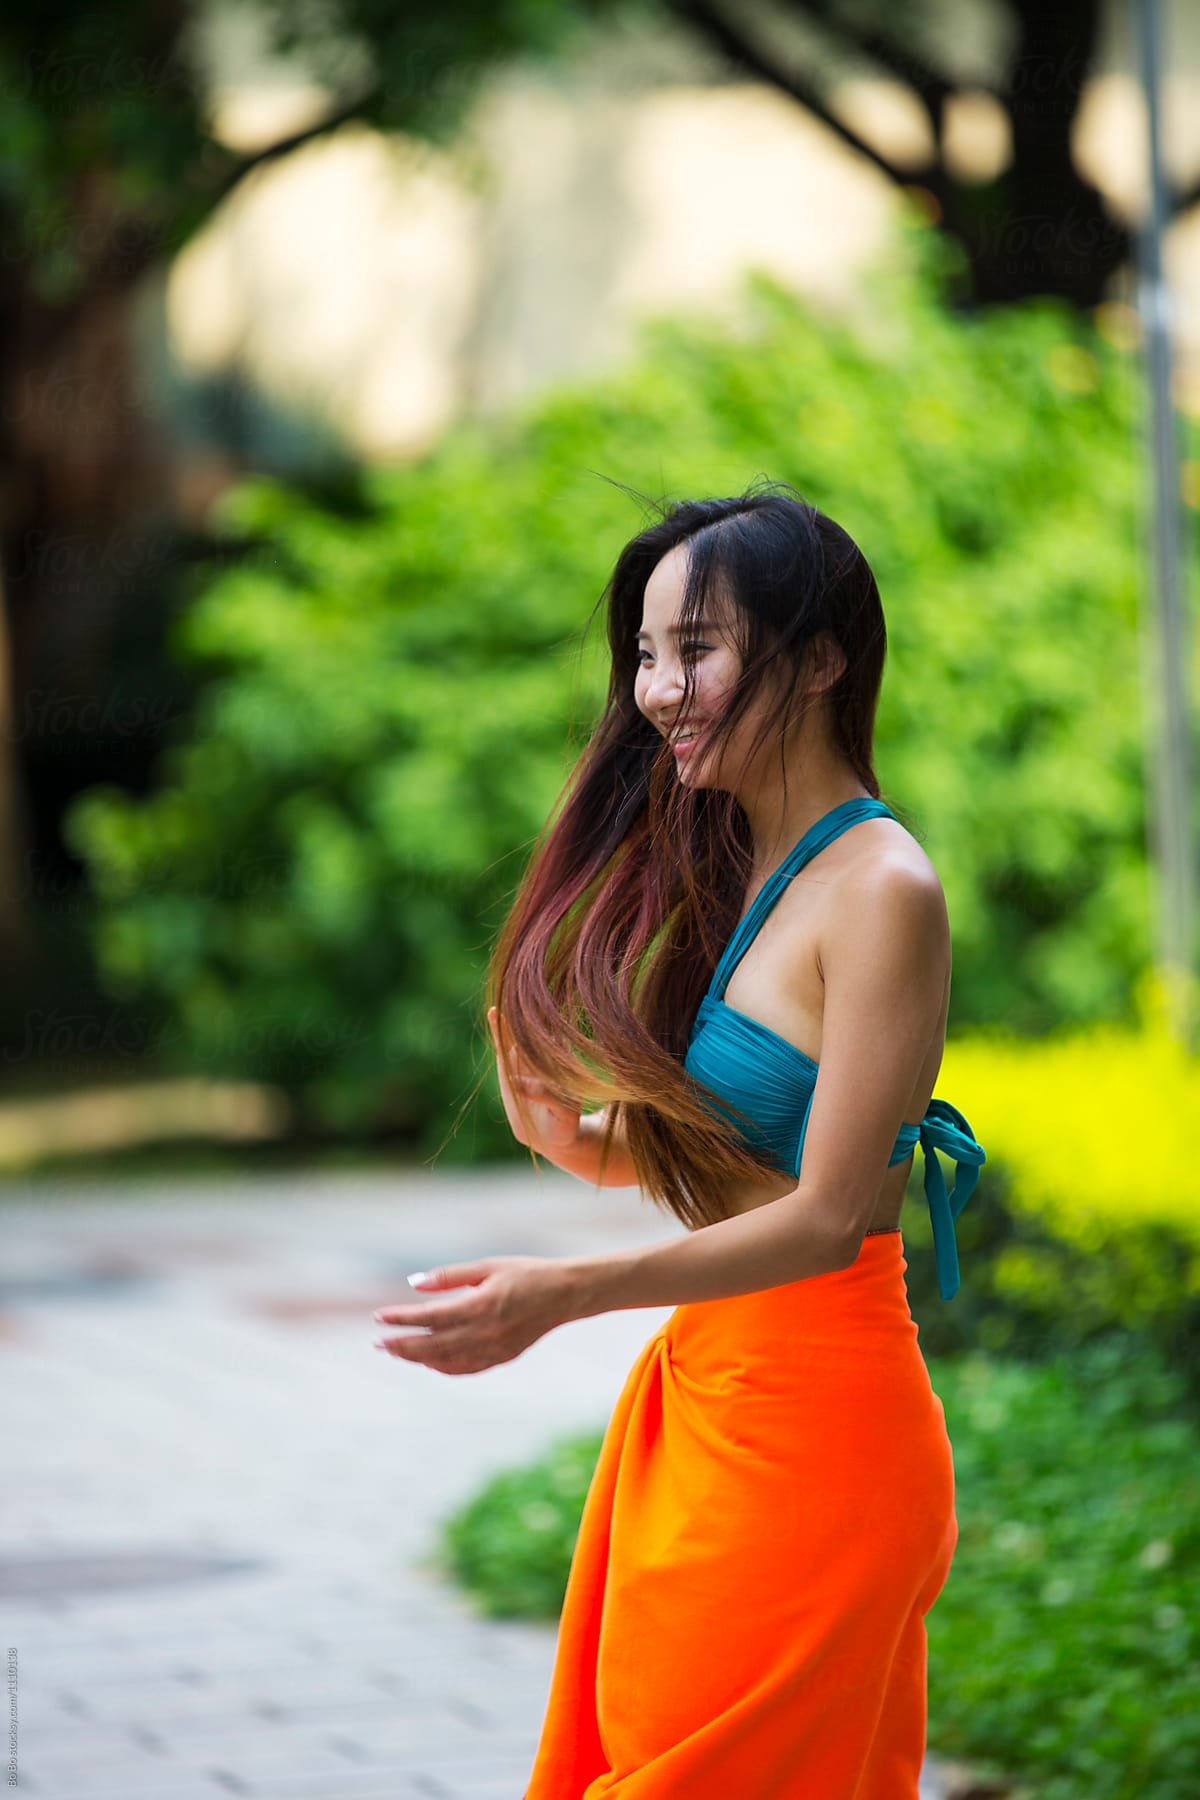 Pretty Young Asian Woman Wearing Bikini In The Garden